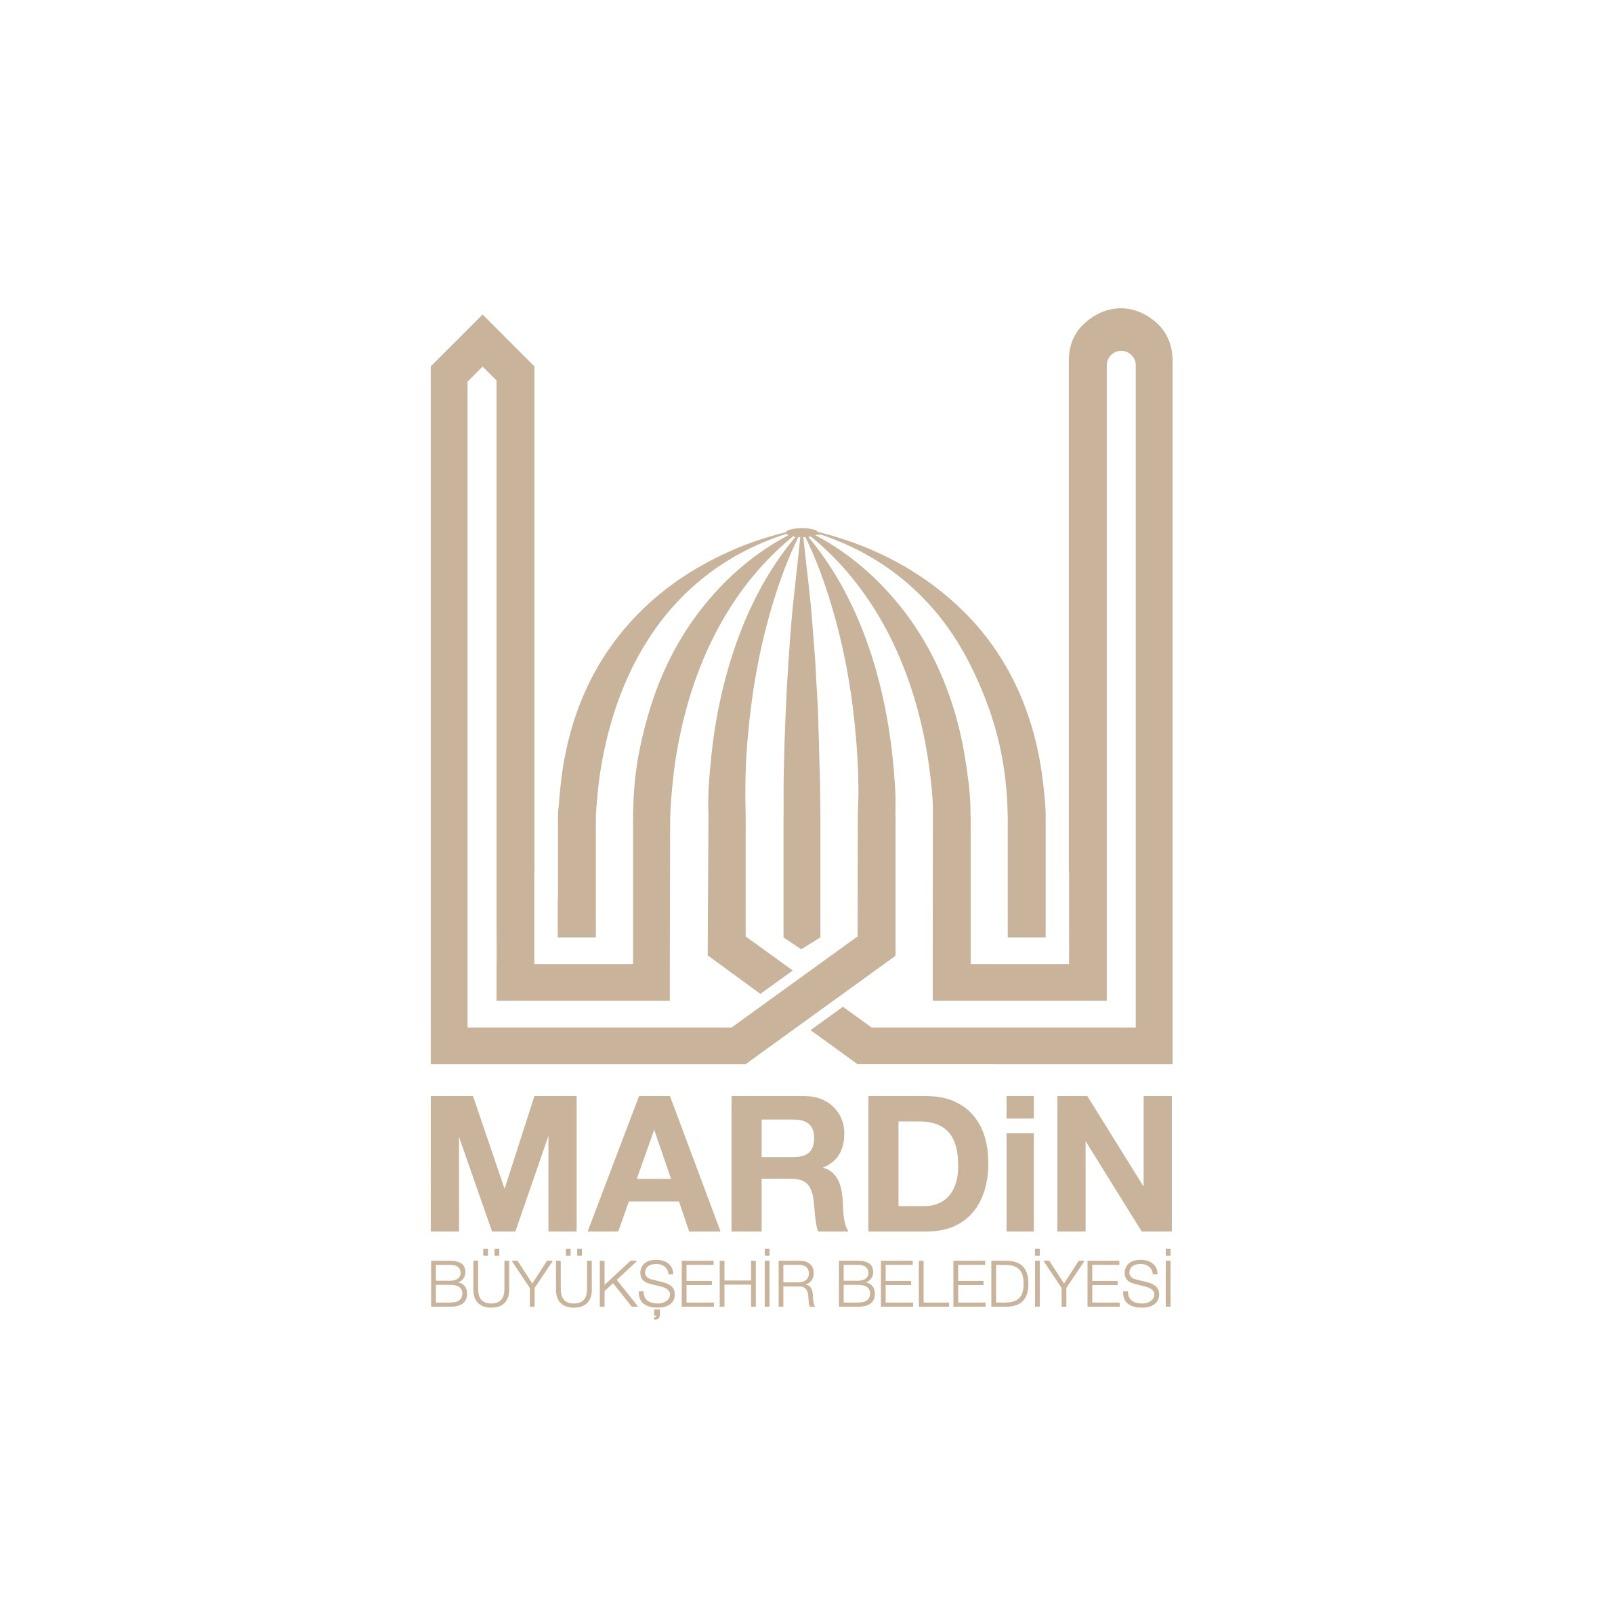 Mardin Büyükşehir Belediyesinin logosu halk oylamasında